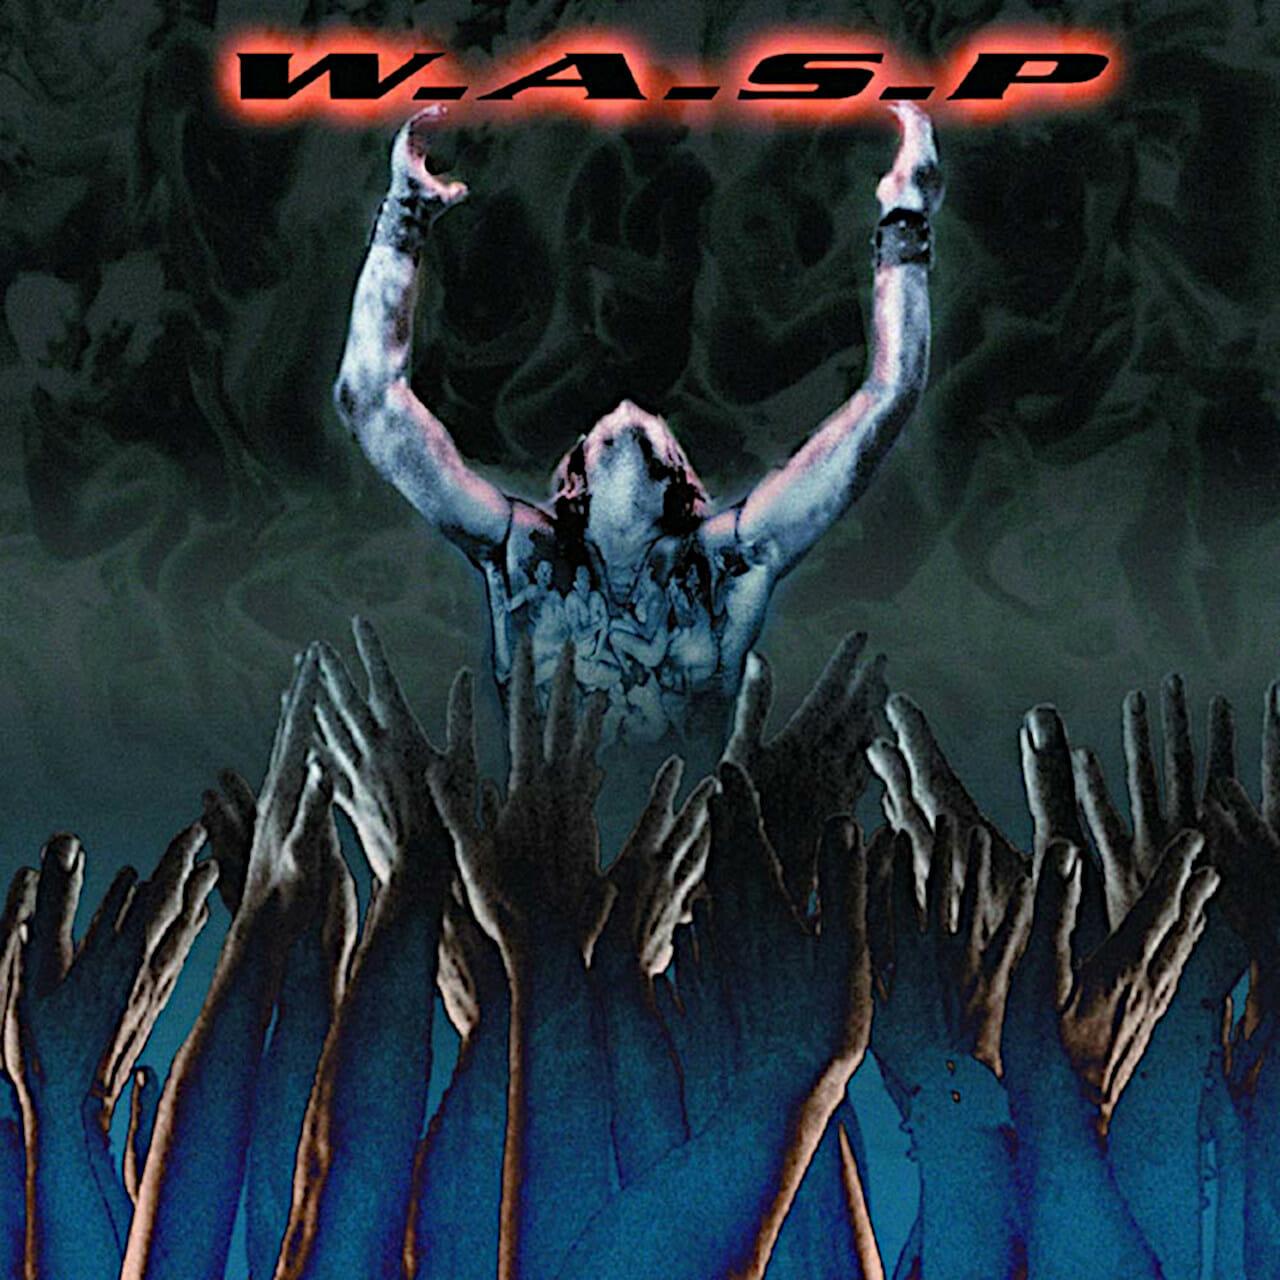 W.A.S.P. The Neon God Part-2 Demise